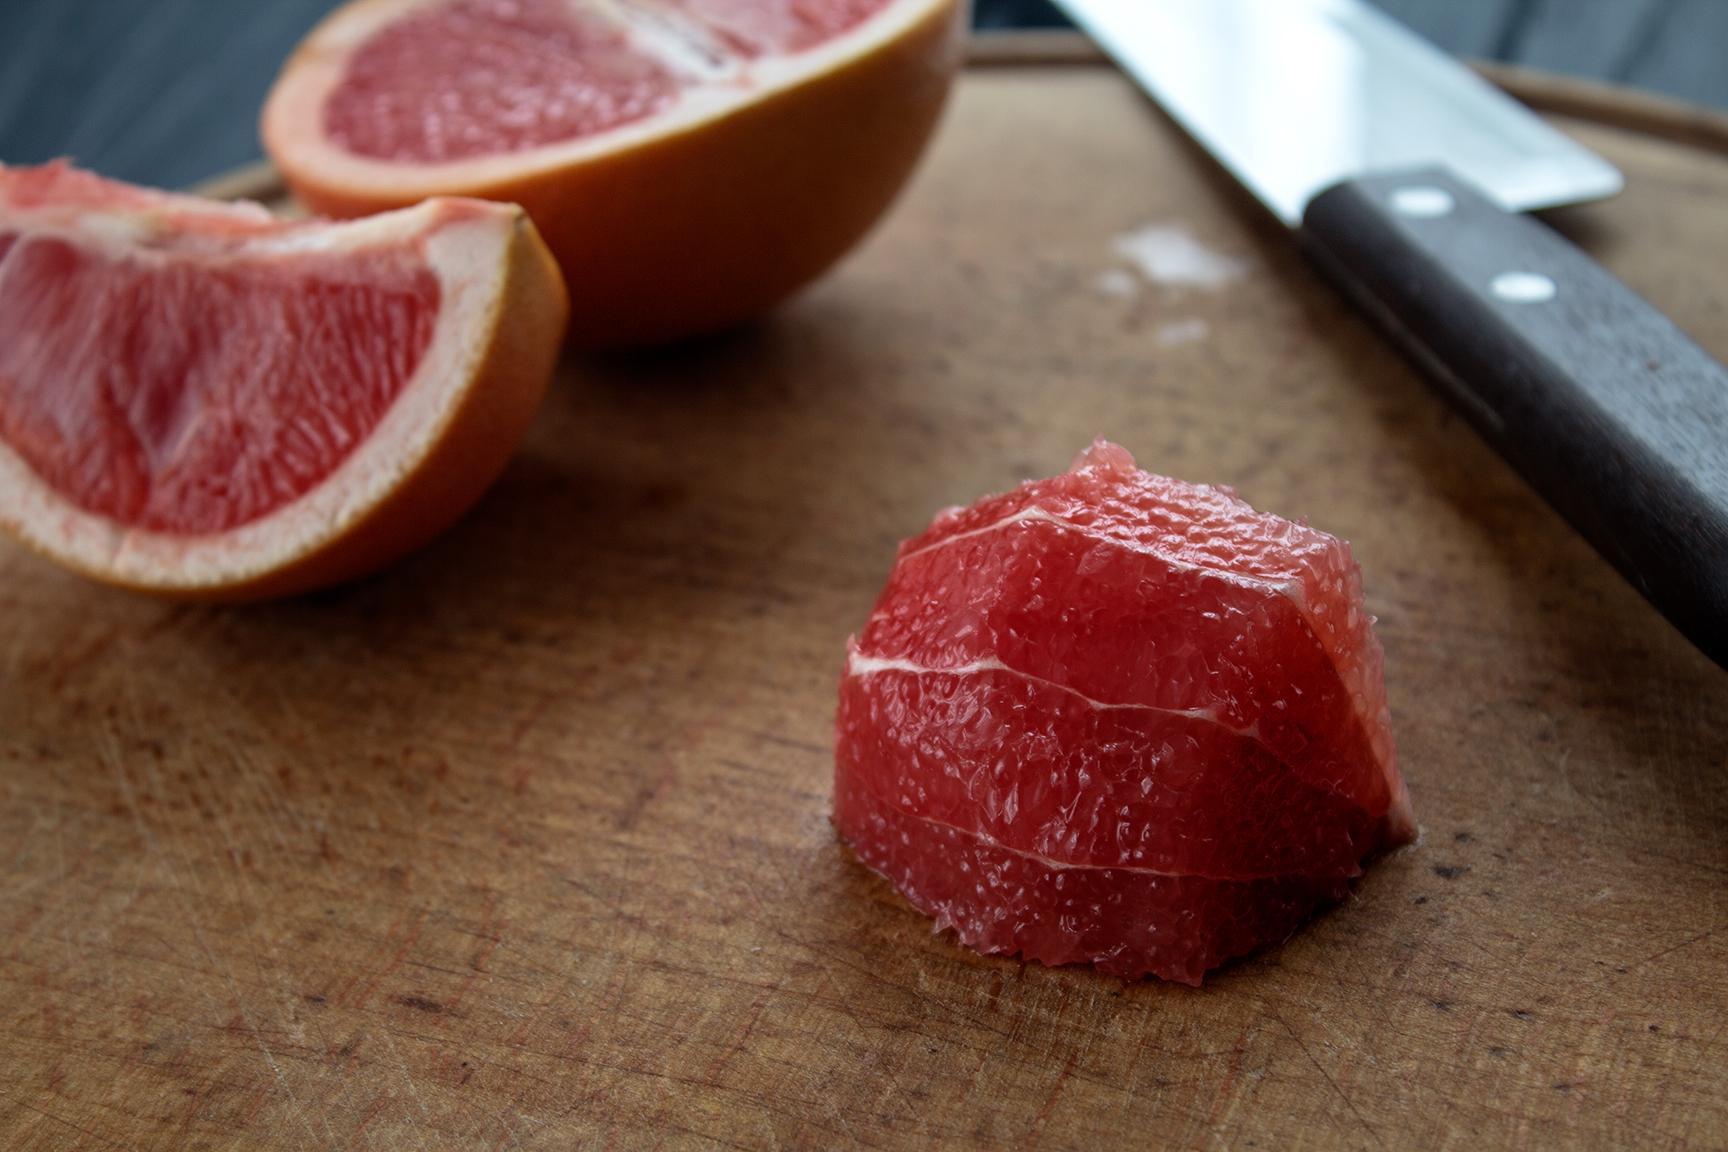 Для того,чтобы это сделать, сначала очистите острым ножом весь грейпфрут  так, чтобы на его поверхности не осталось белой пленки.